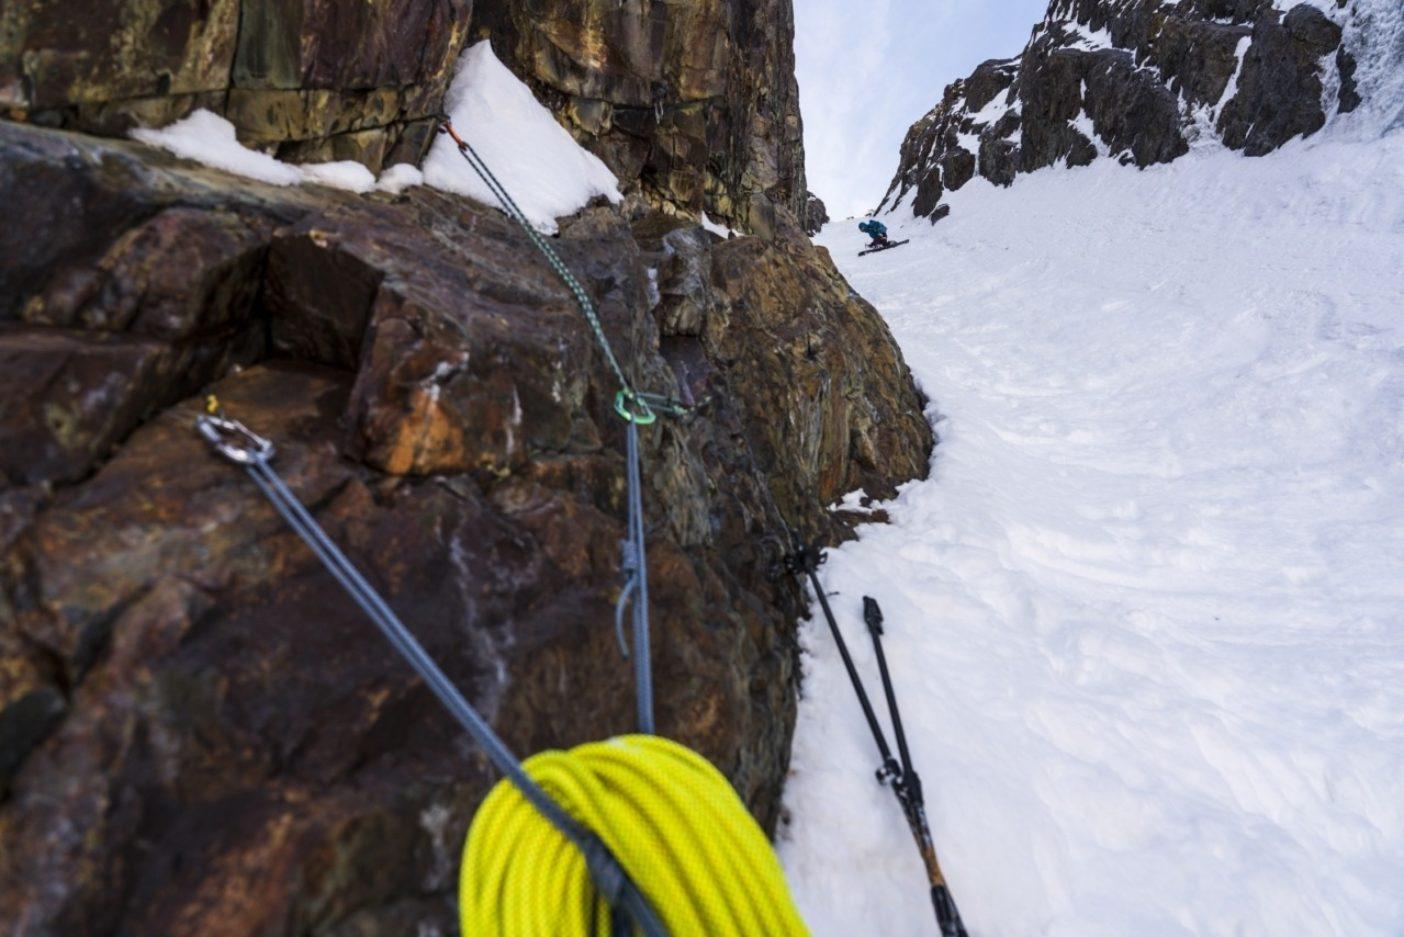 下りの核心部、このラインで最も急斜度のピッチをニック・ラッセルは安全に滑り抜ける。60メートルの氷瀑の垂直下降部の真上である。写真:クリスチャン・ポンデラ